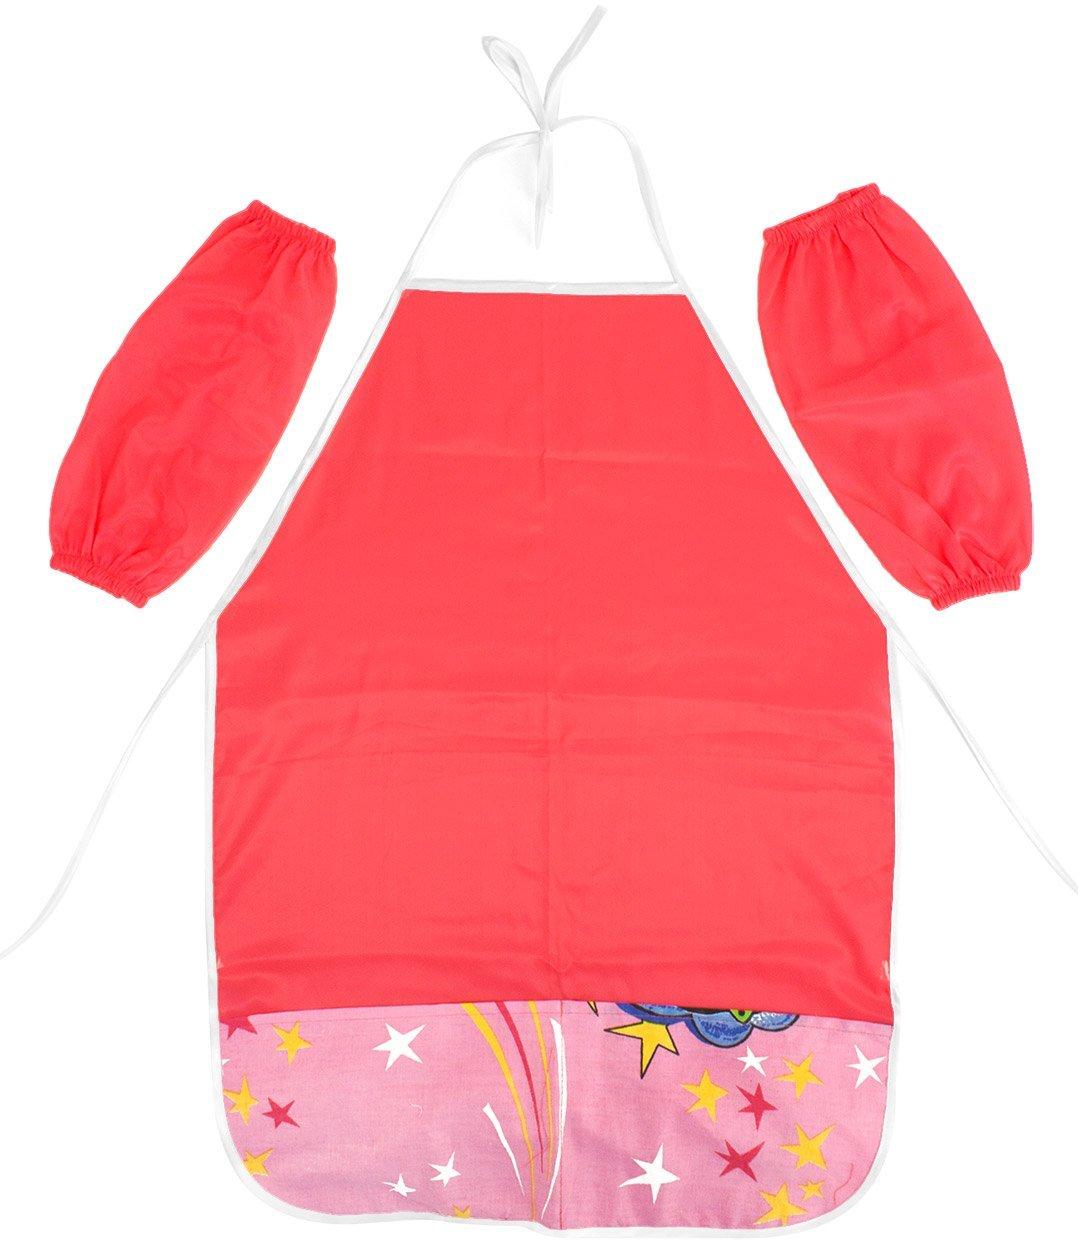 Звезда - набор для детского творчества на 7 - 10 лет (фартук+манжеты) Elin